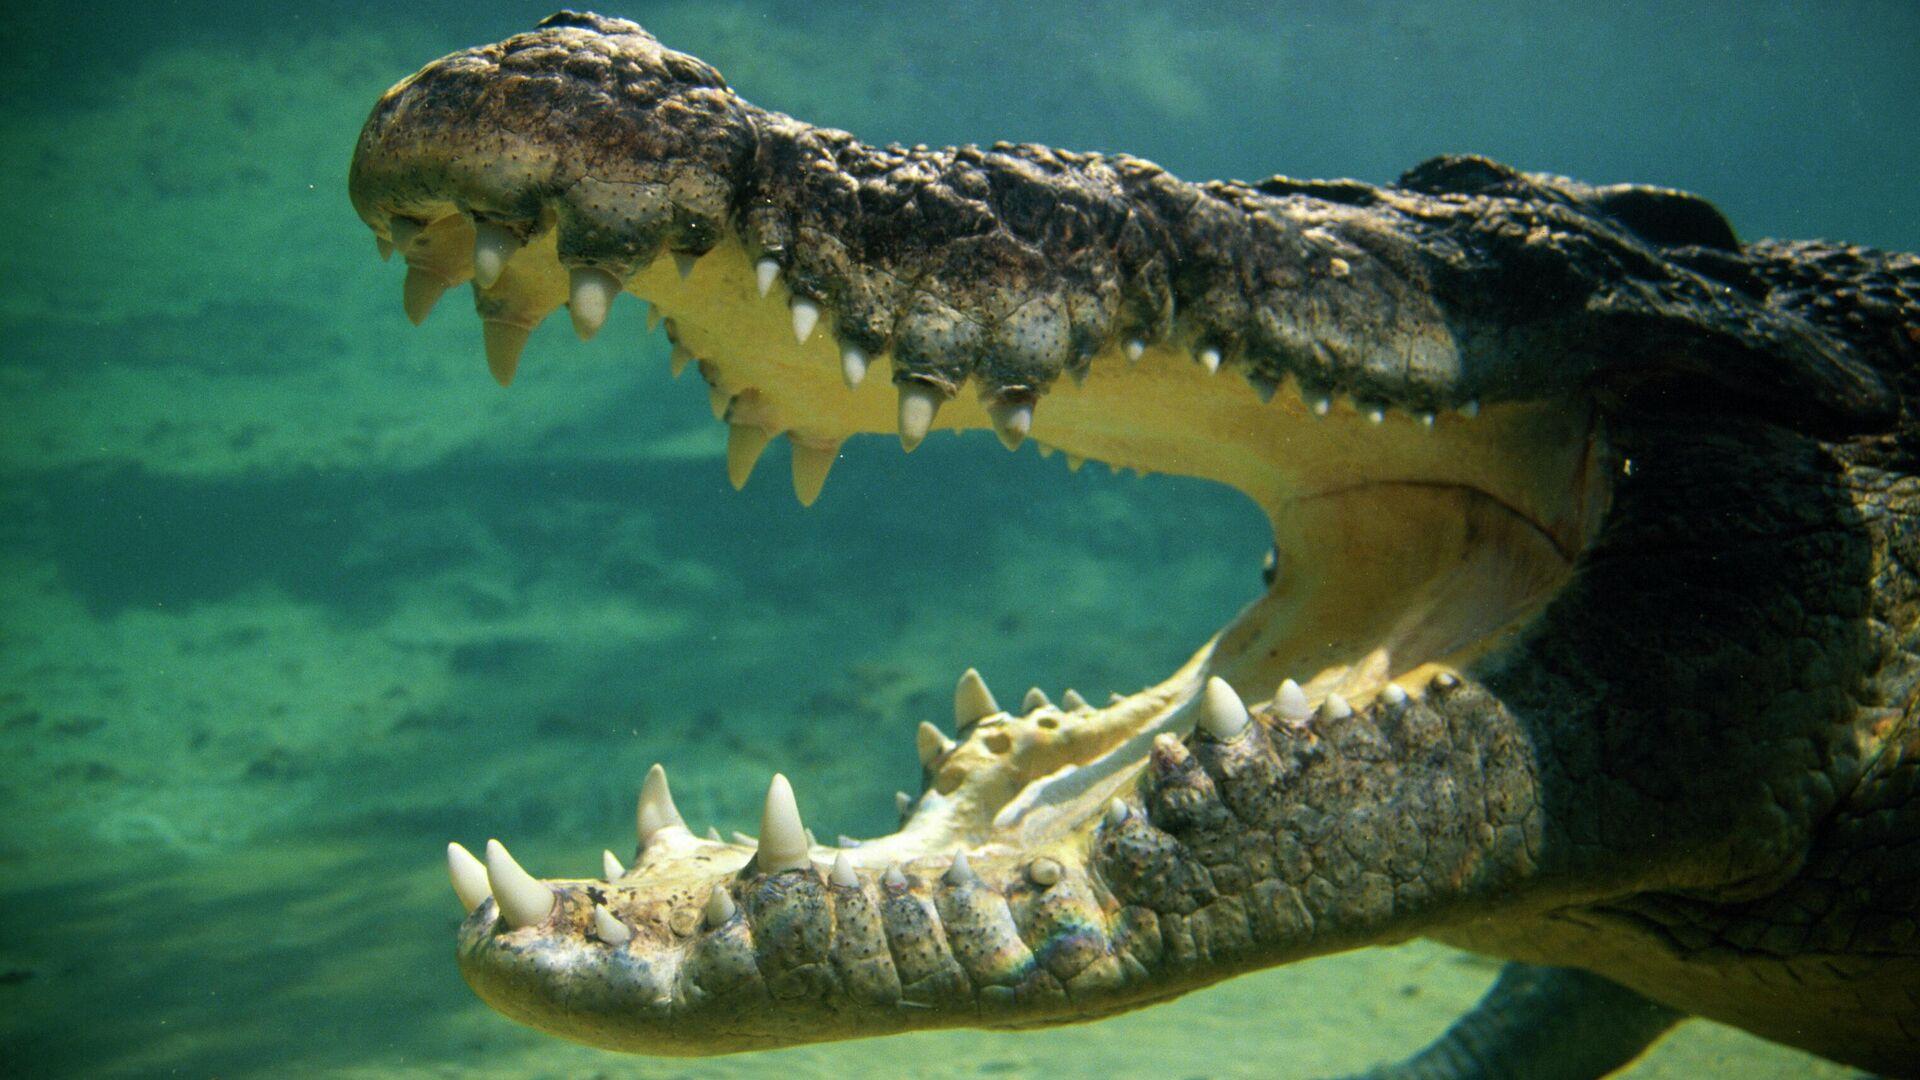 Крокодил под водой - РИА Новости, 1920, 07.08.2021